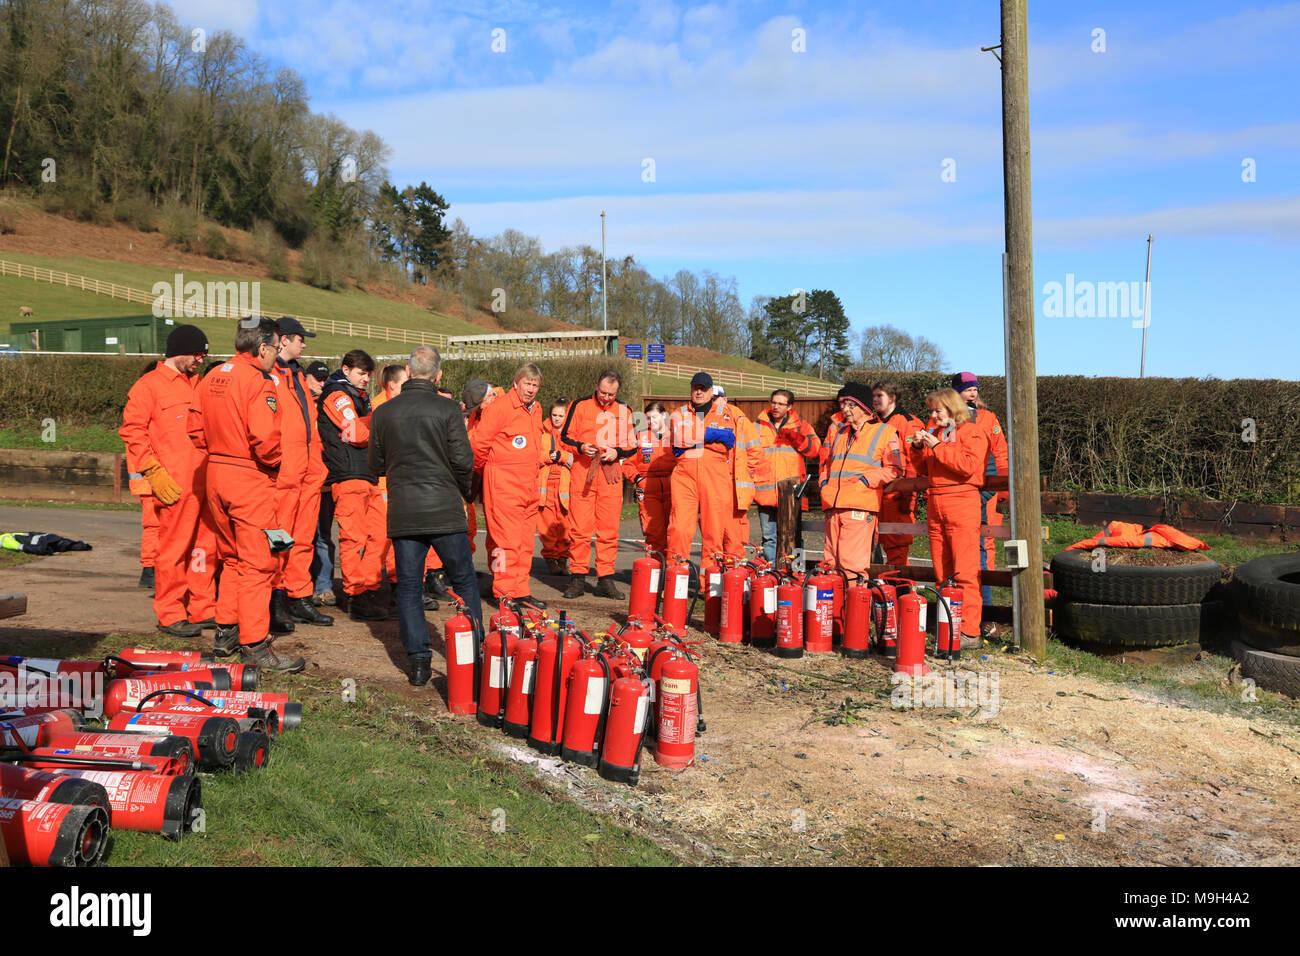 Le sport automobile se mobilise sur l'utilisation de l'équipement de lutte contre les incendies. Photo Stock